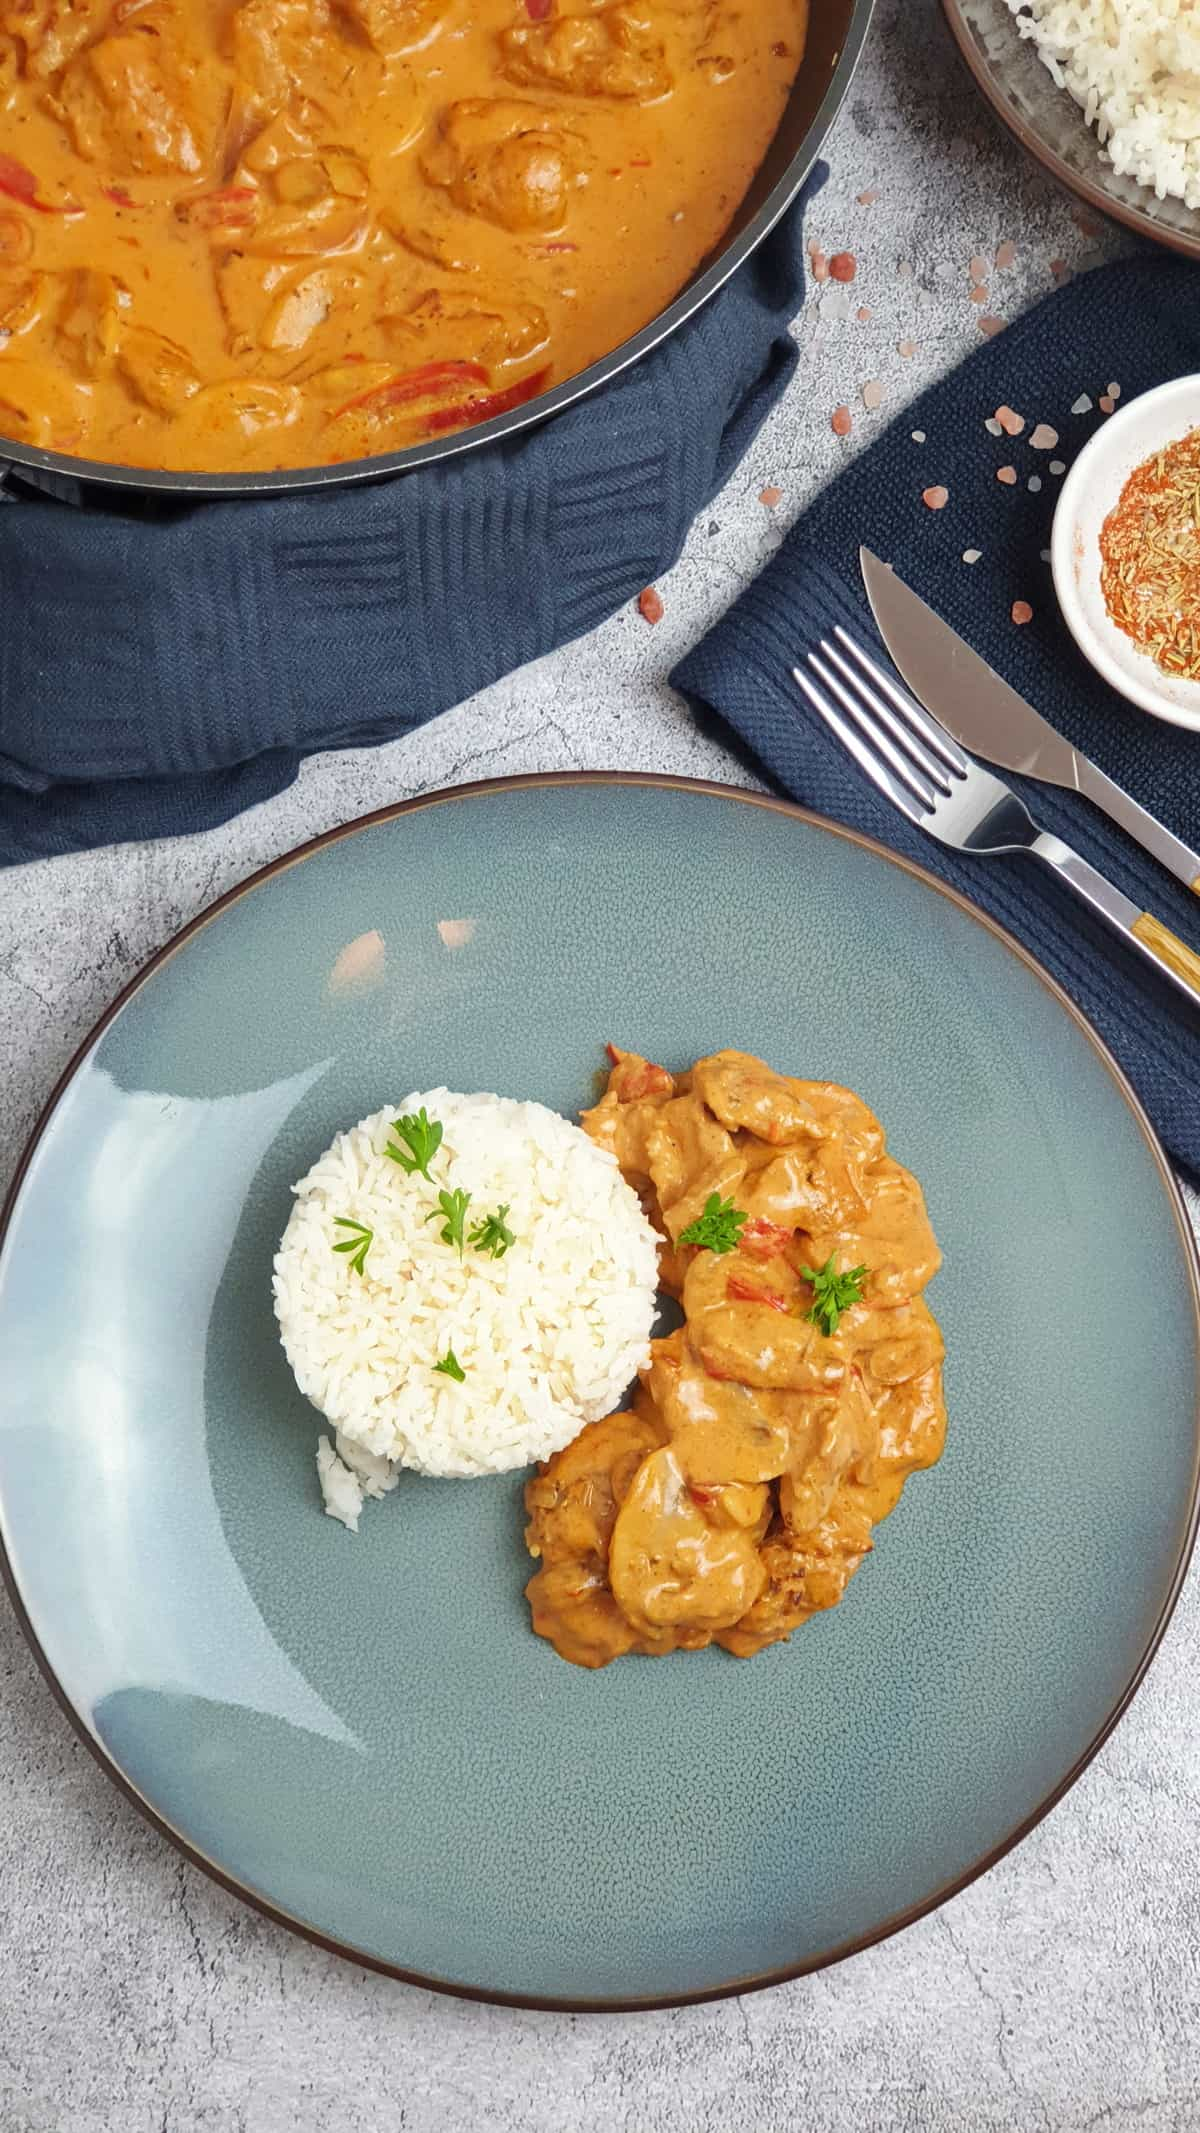 Gyros Geschnetzeltes mit Schmand-Soße und Reis auf einem blauen Teller.